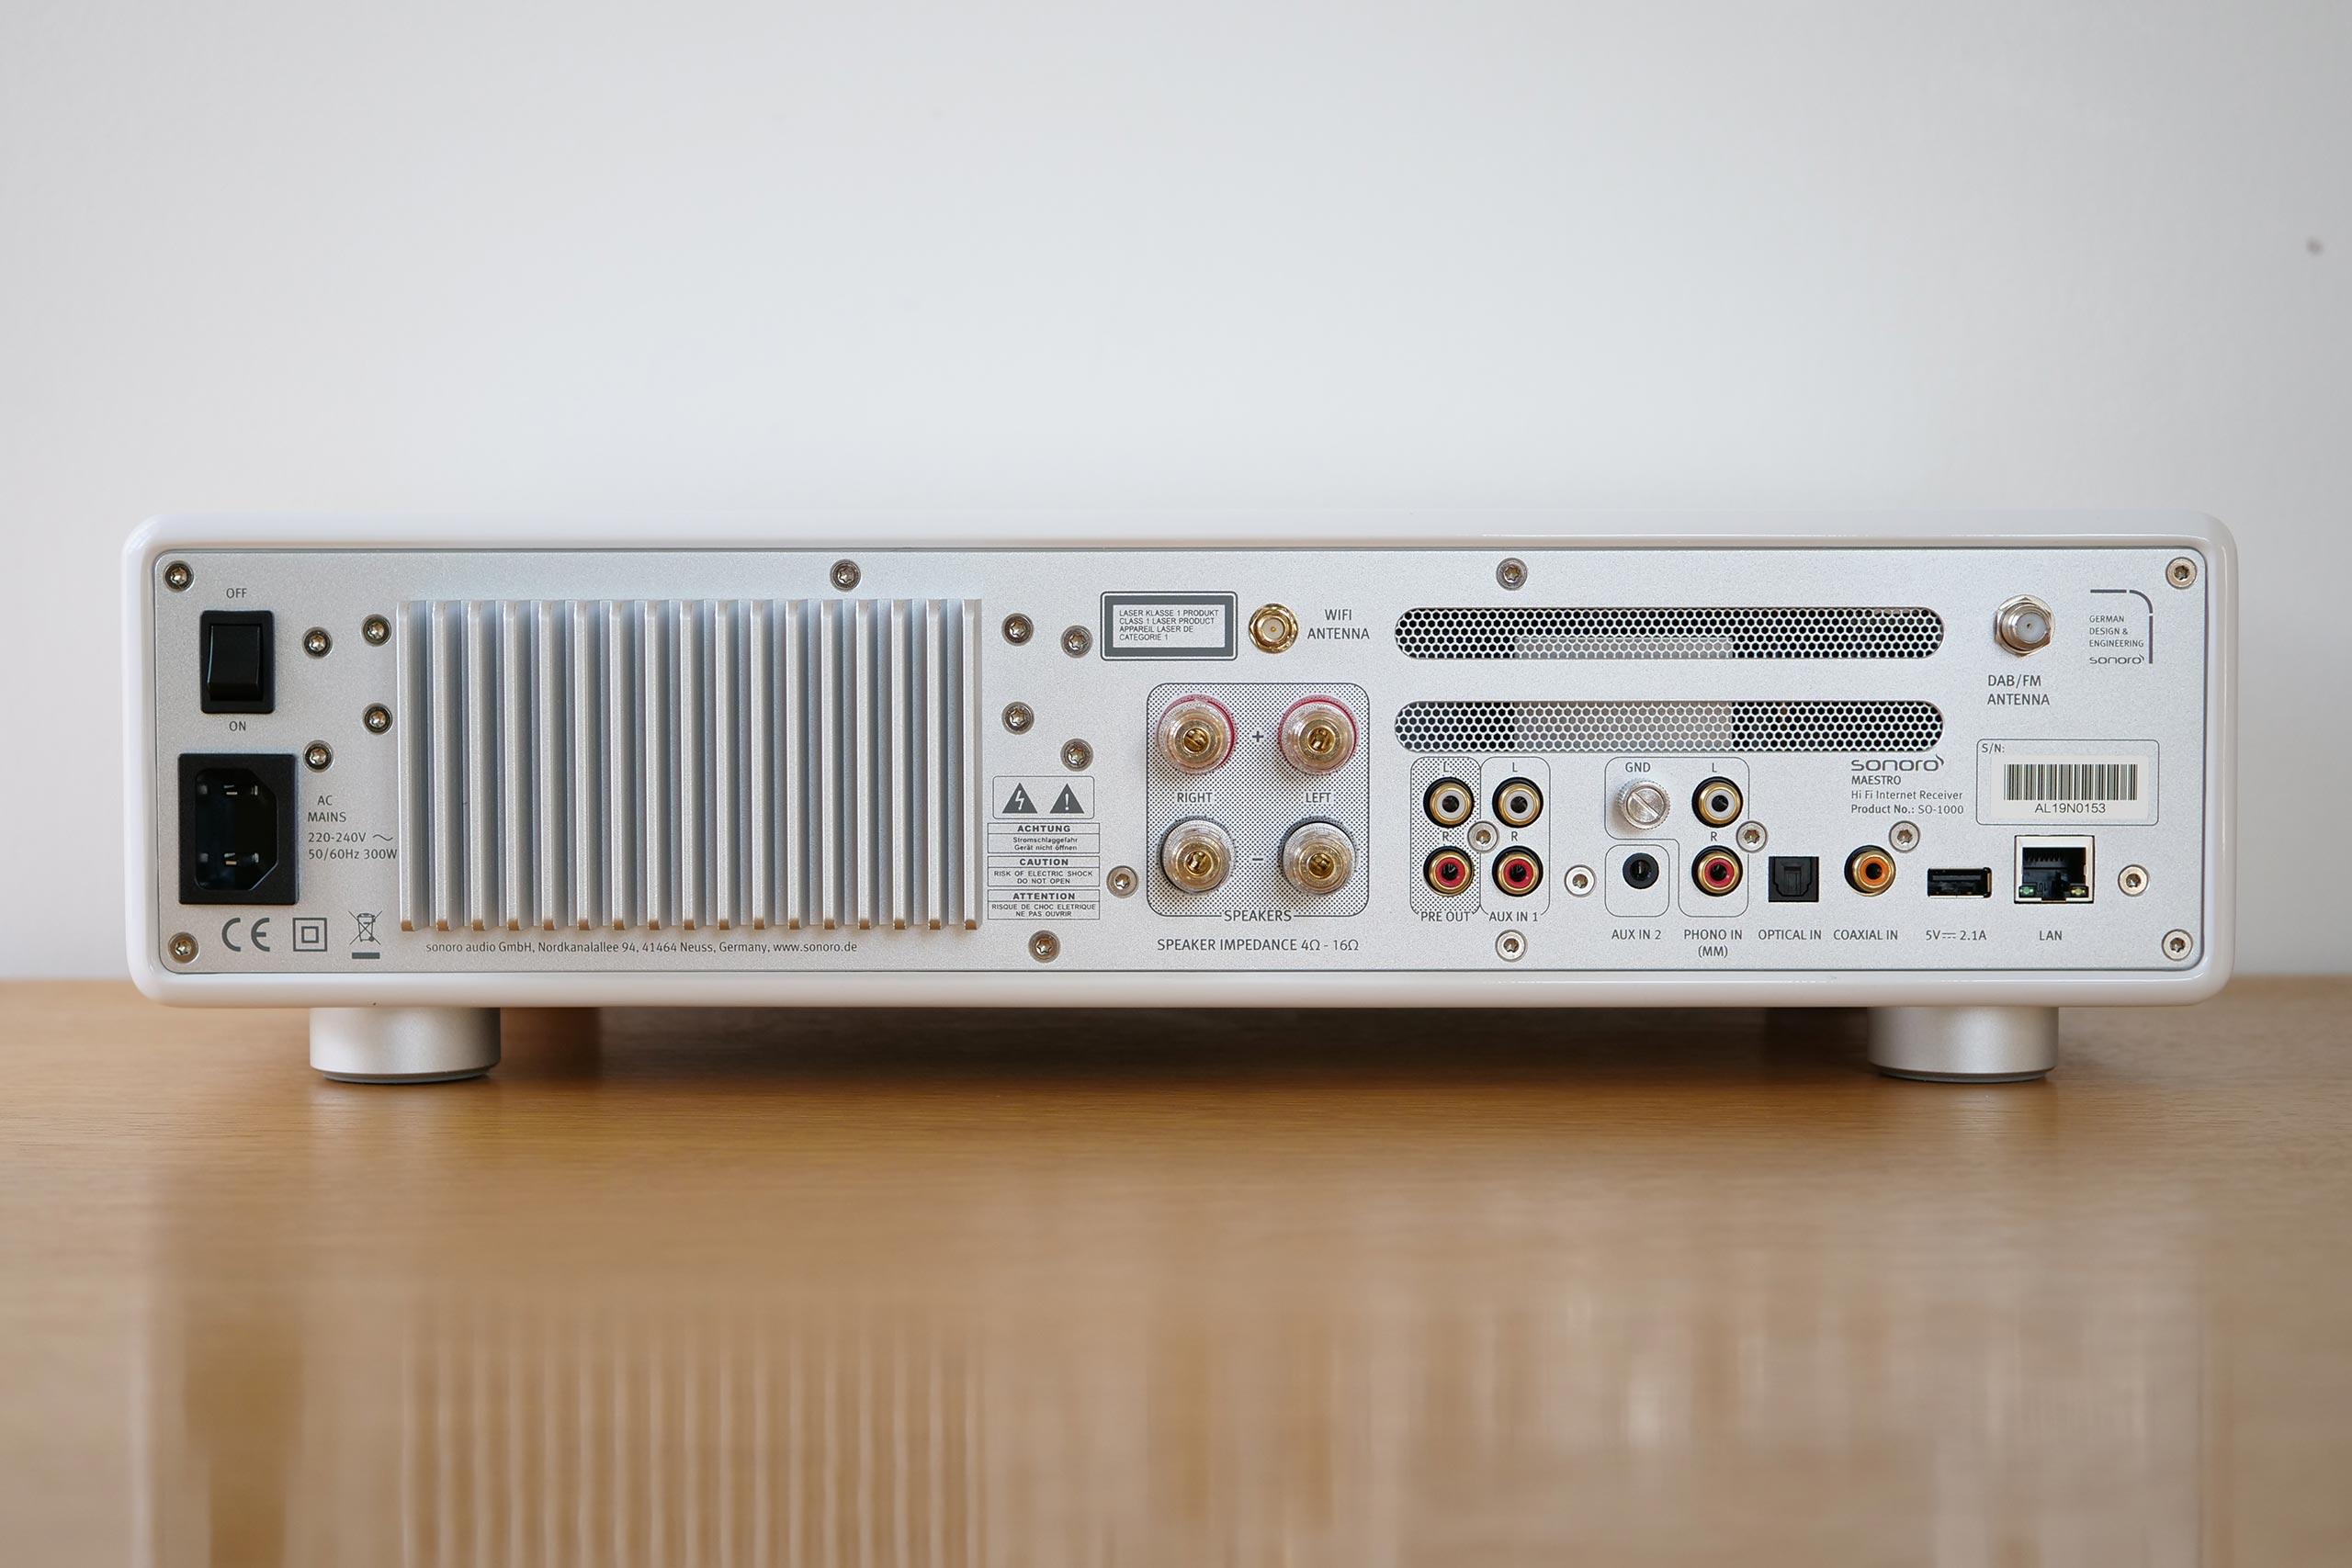 Les différents connecteurs de la Sonoro Maestro sont regroupées à droite, le radiateur pour refroidir l'amplificateur intégré prend place à gauche.